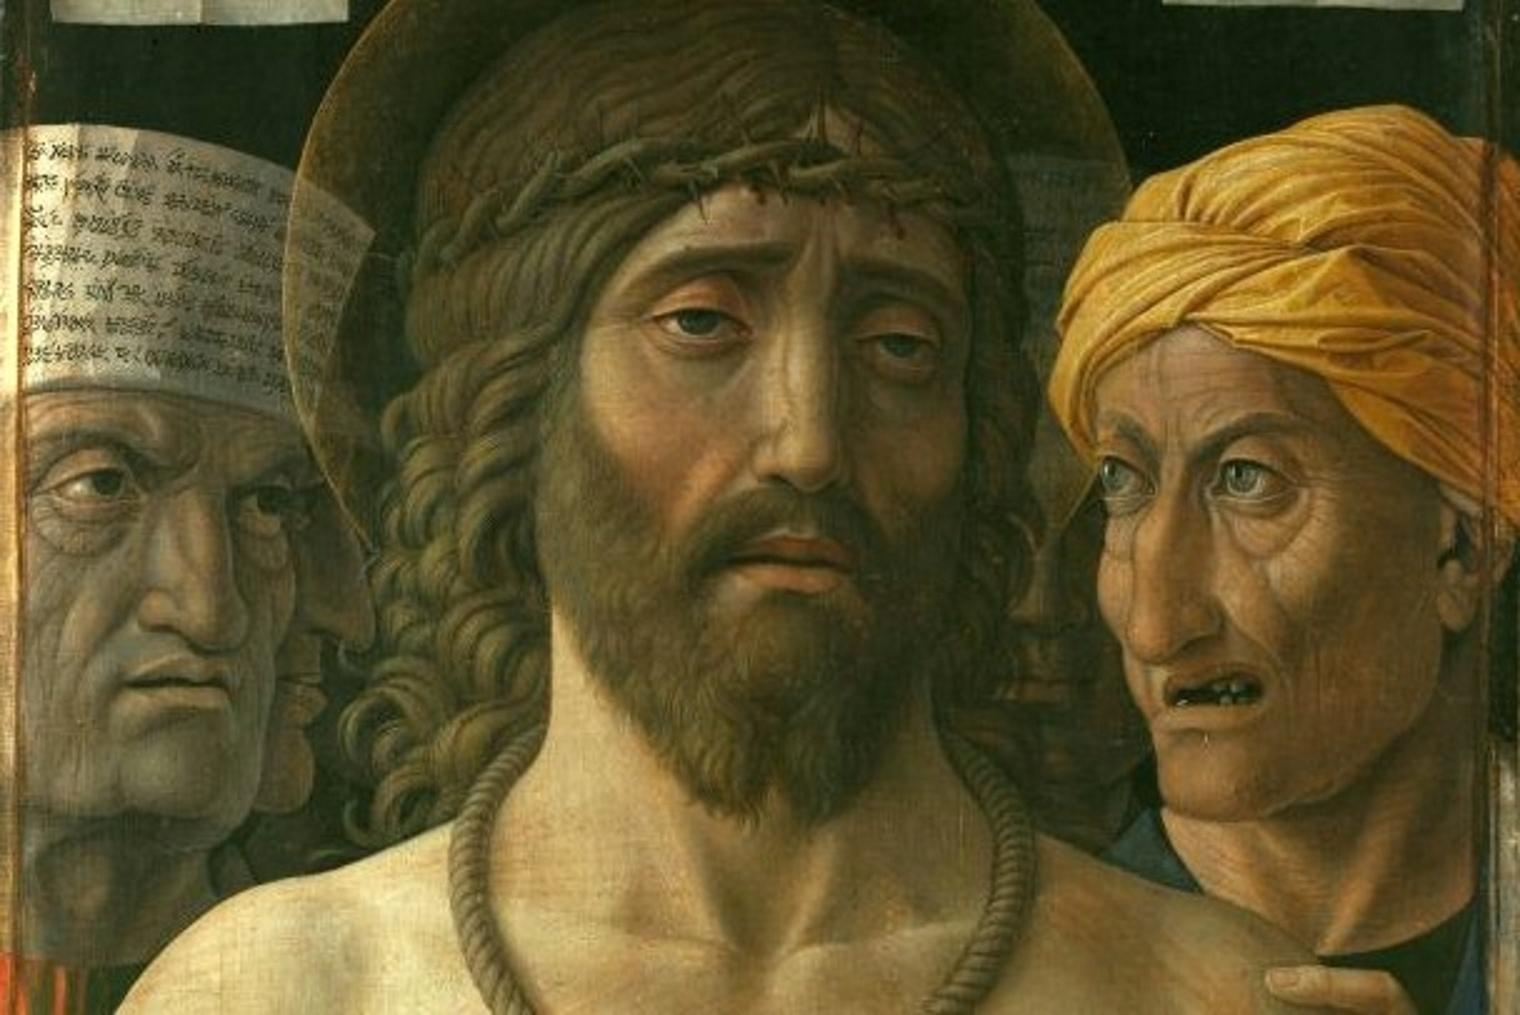 Andrea Mantegna, genio trasversale. Grande mostra in arrivo a dicembre a Torino a Palazzo Madama